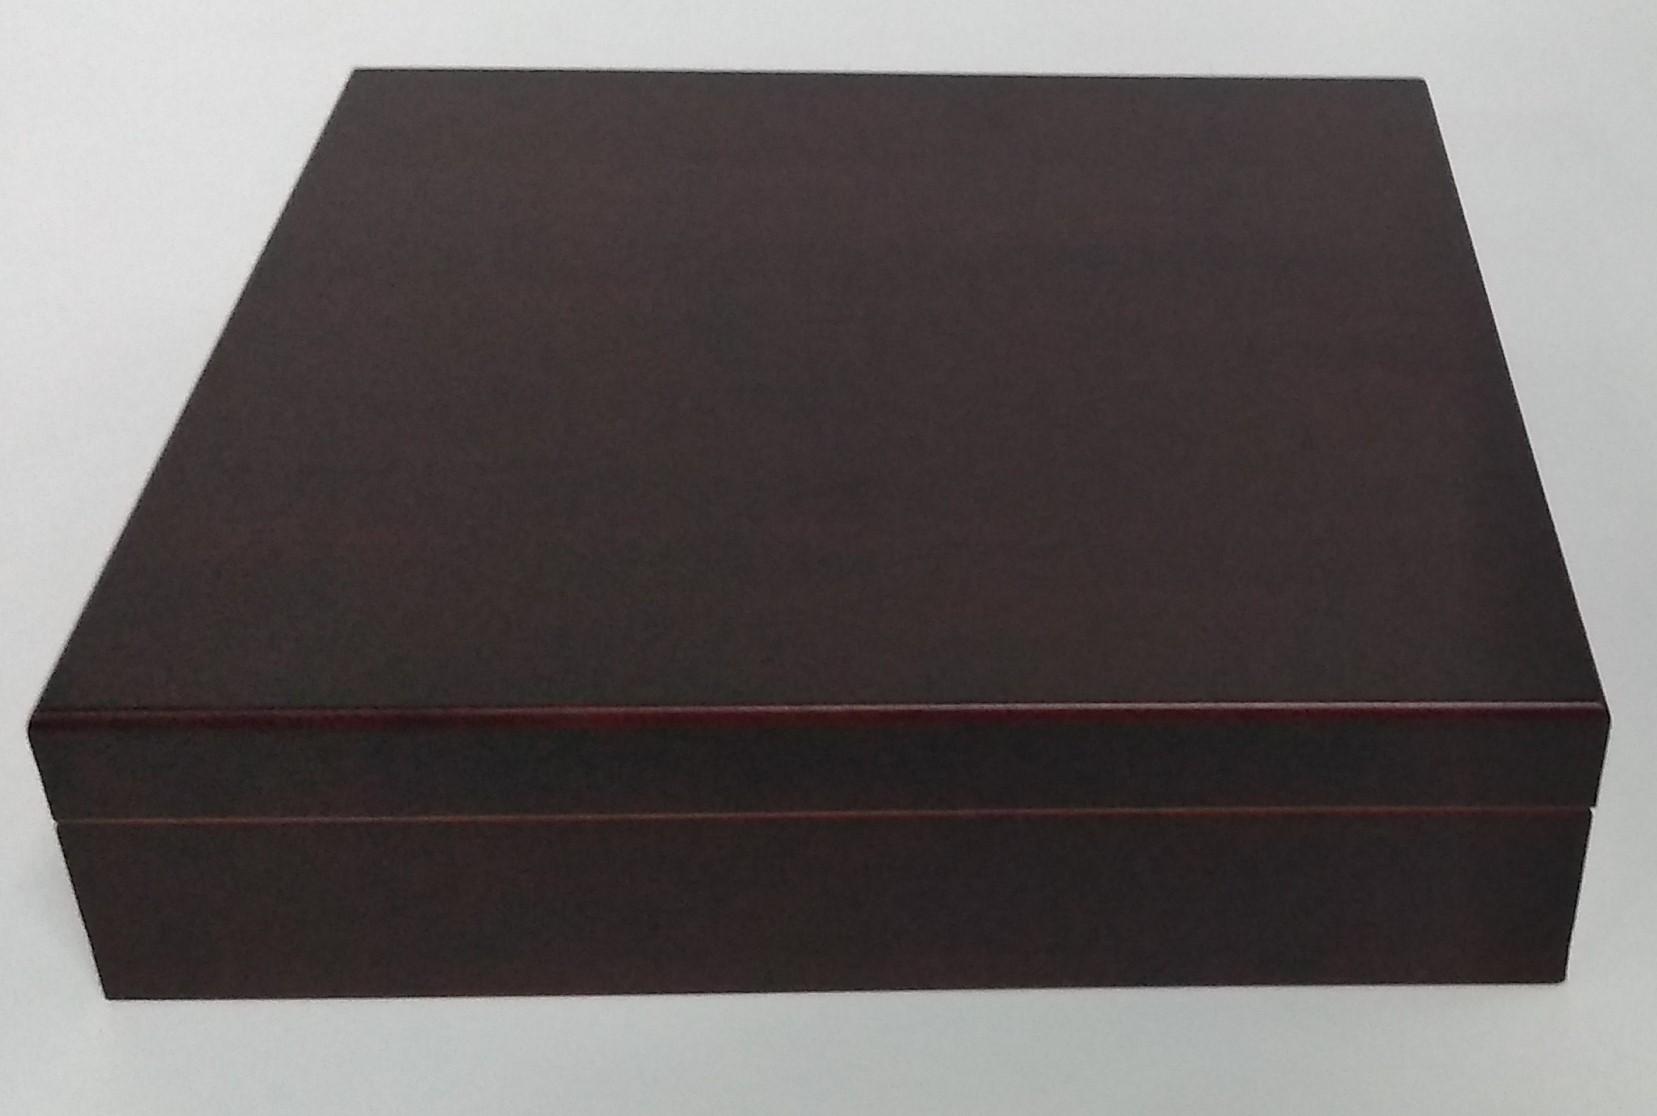 Caixa Umidora VG 107127